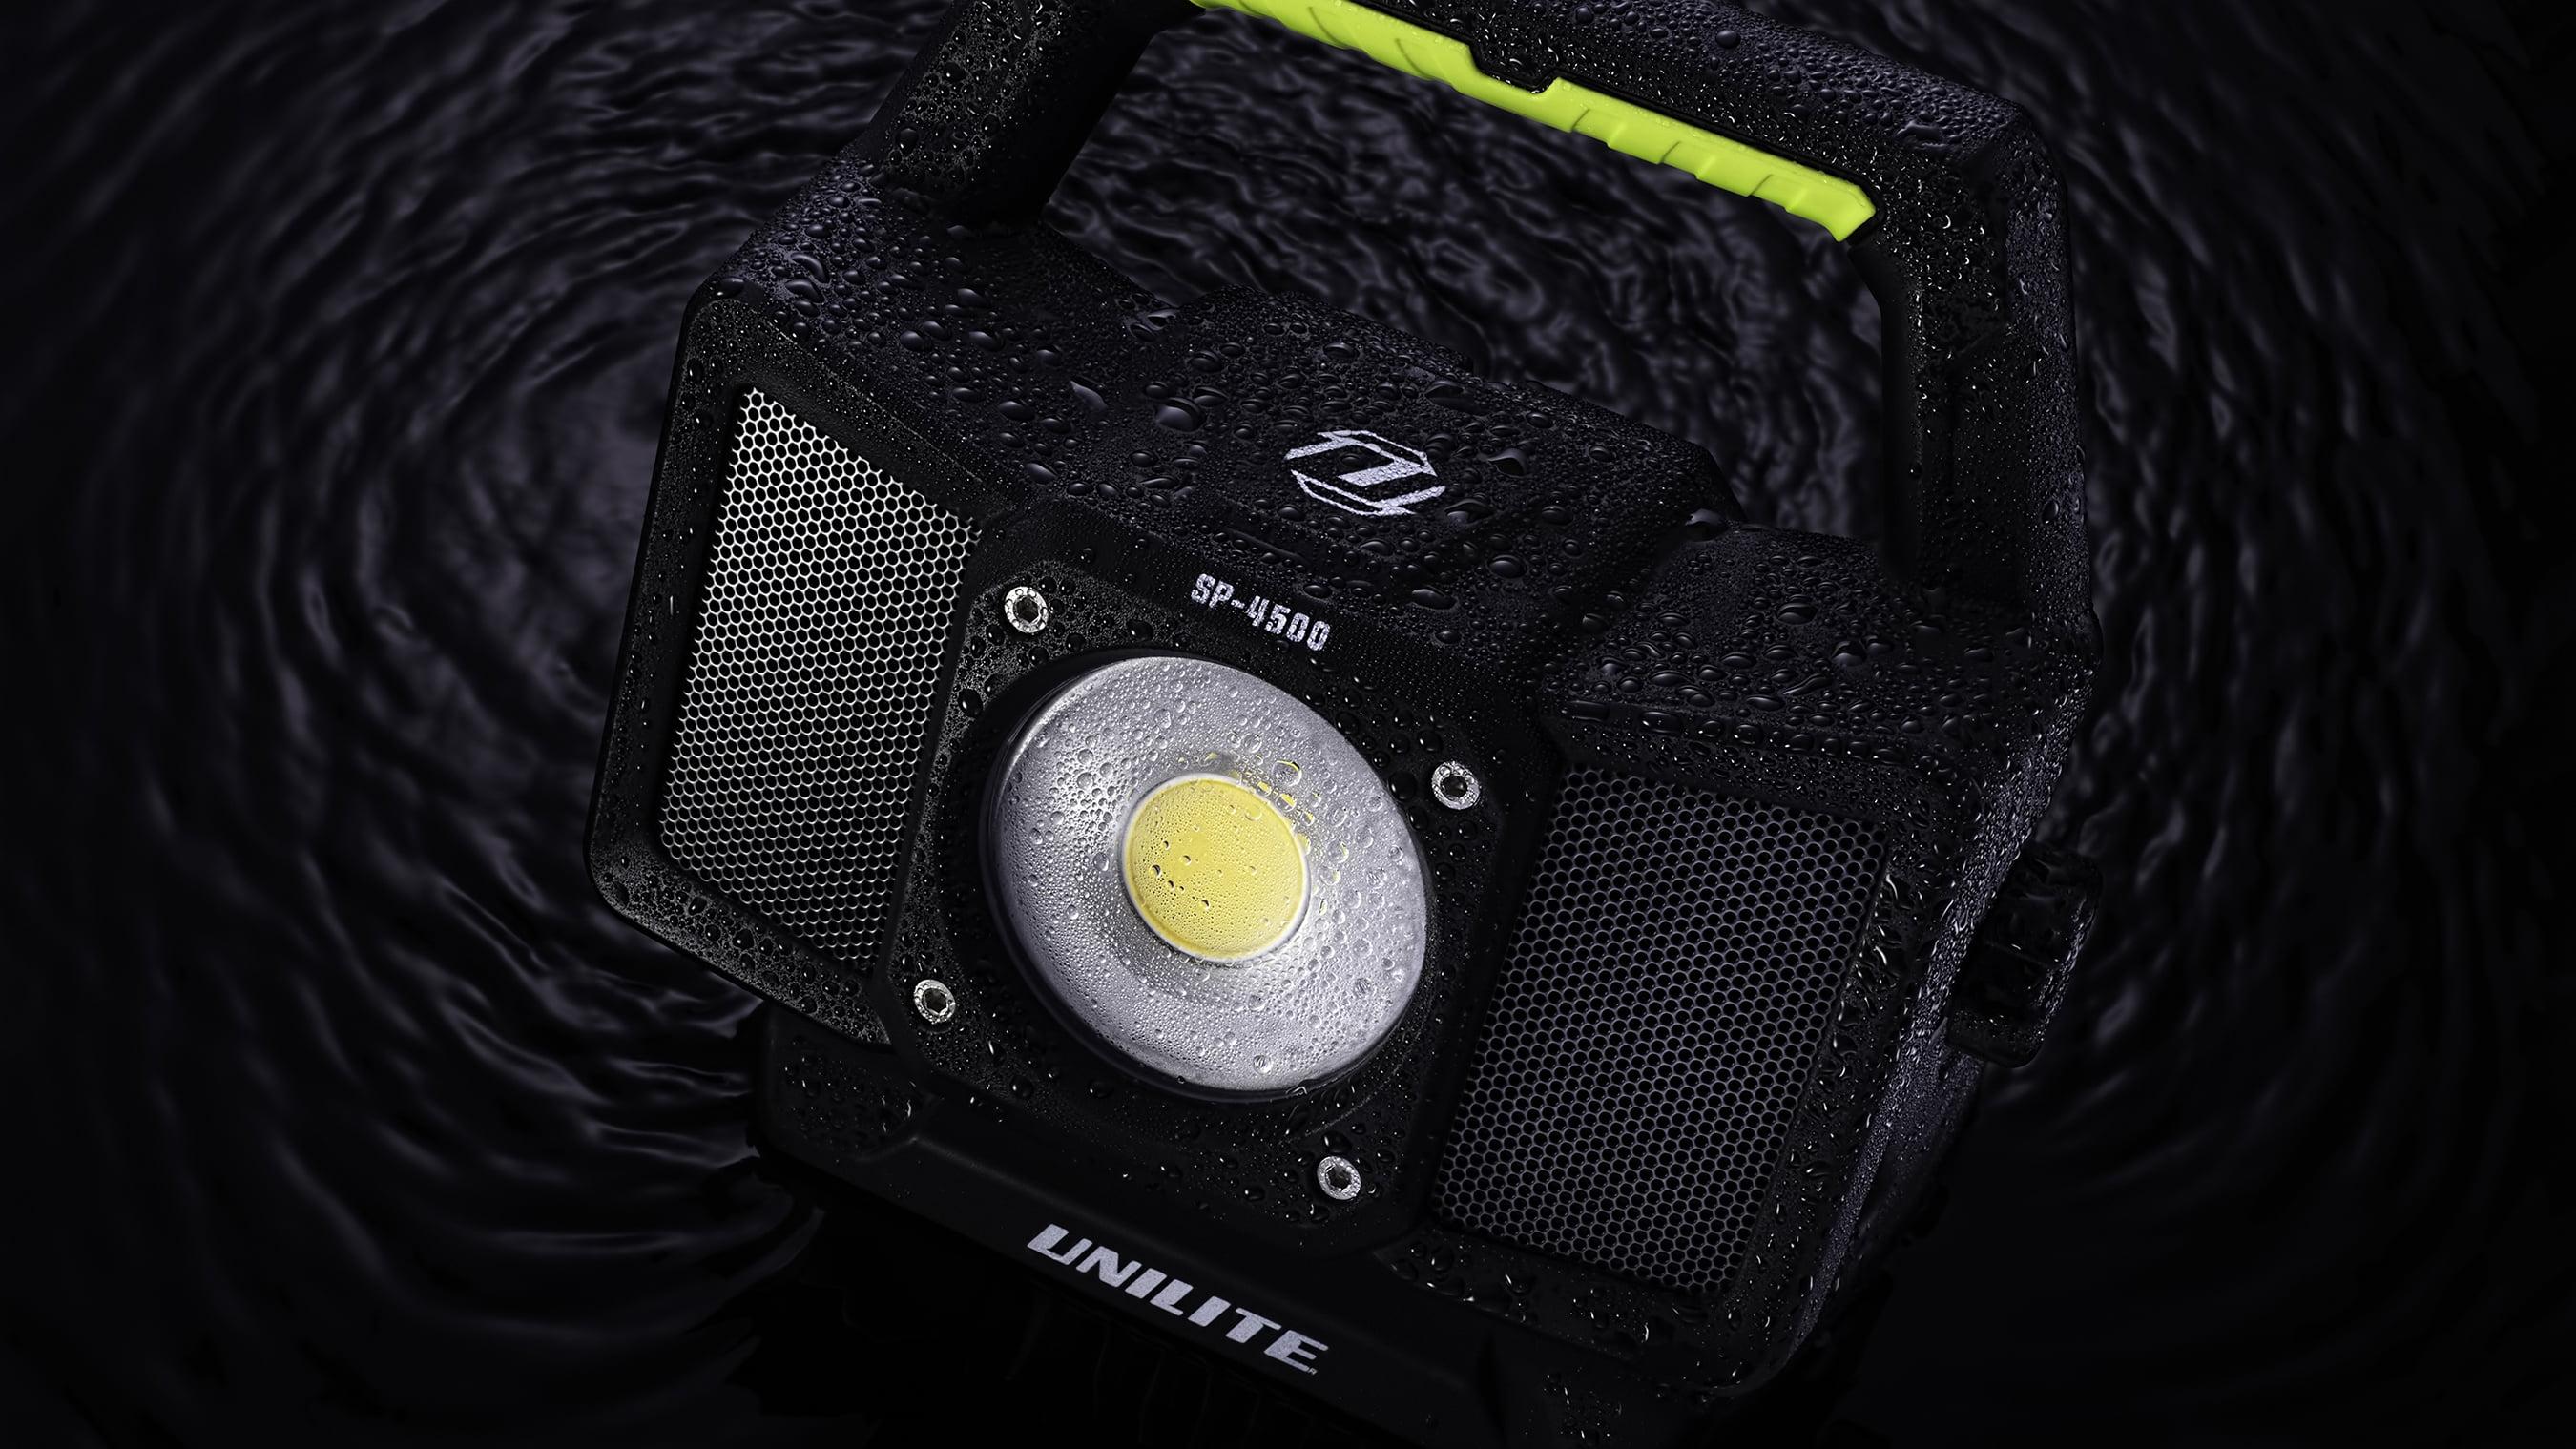 SP-4500 Waterproof Site Light